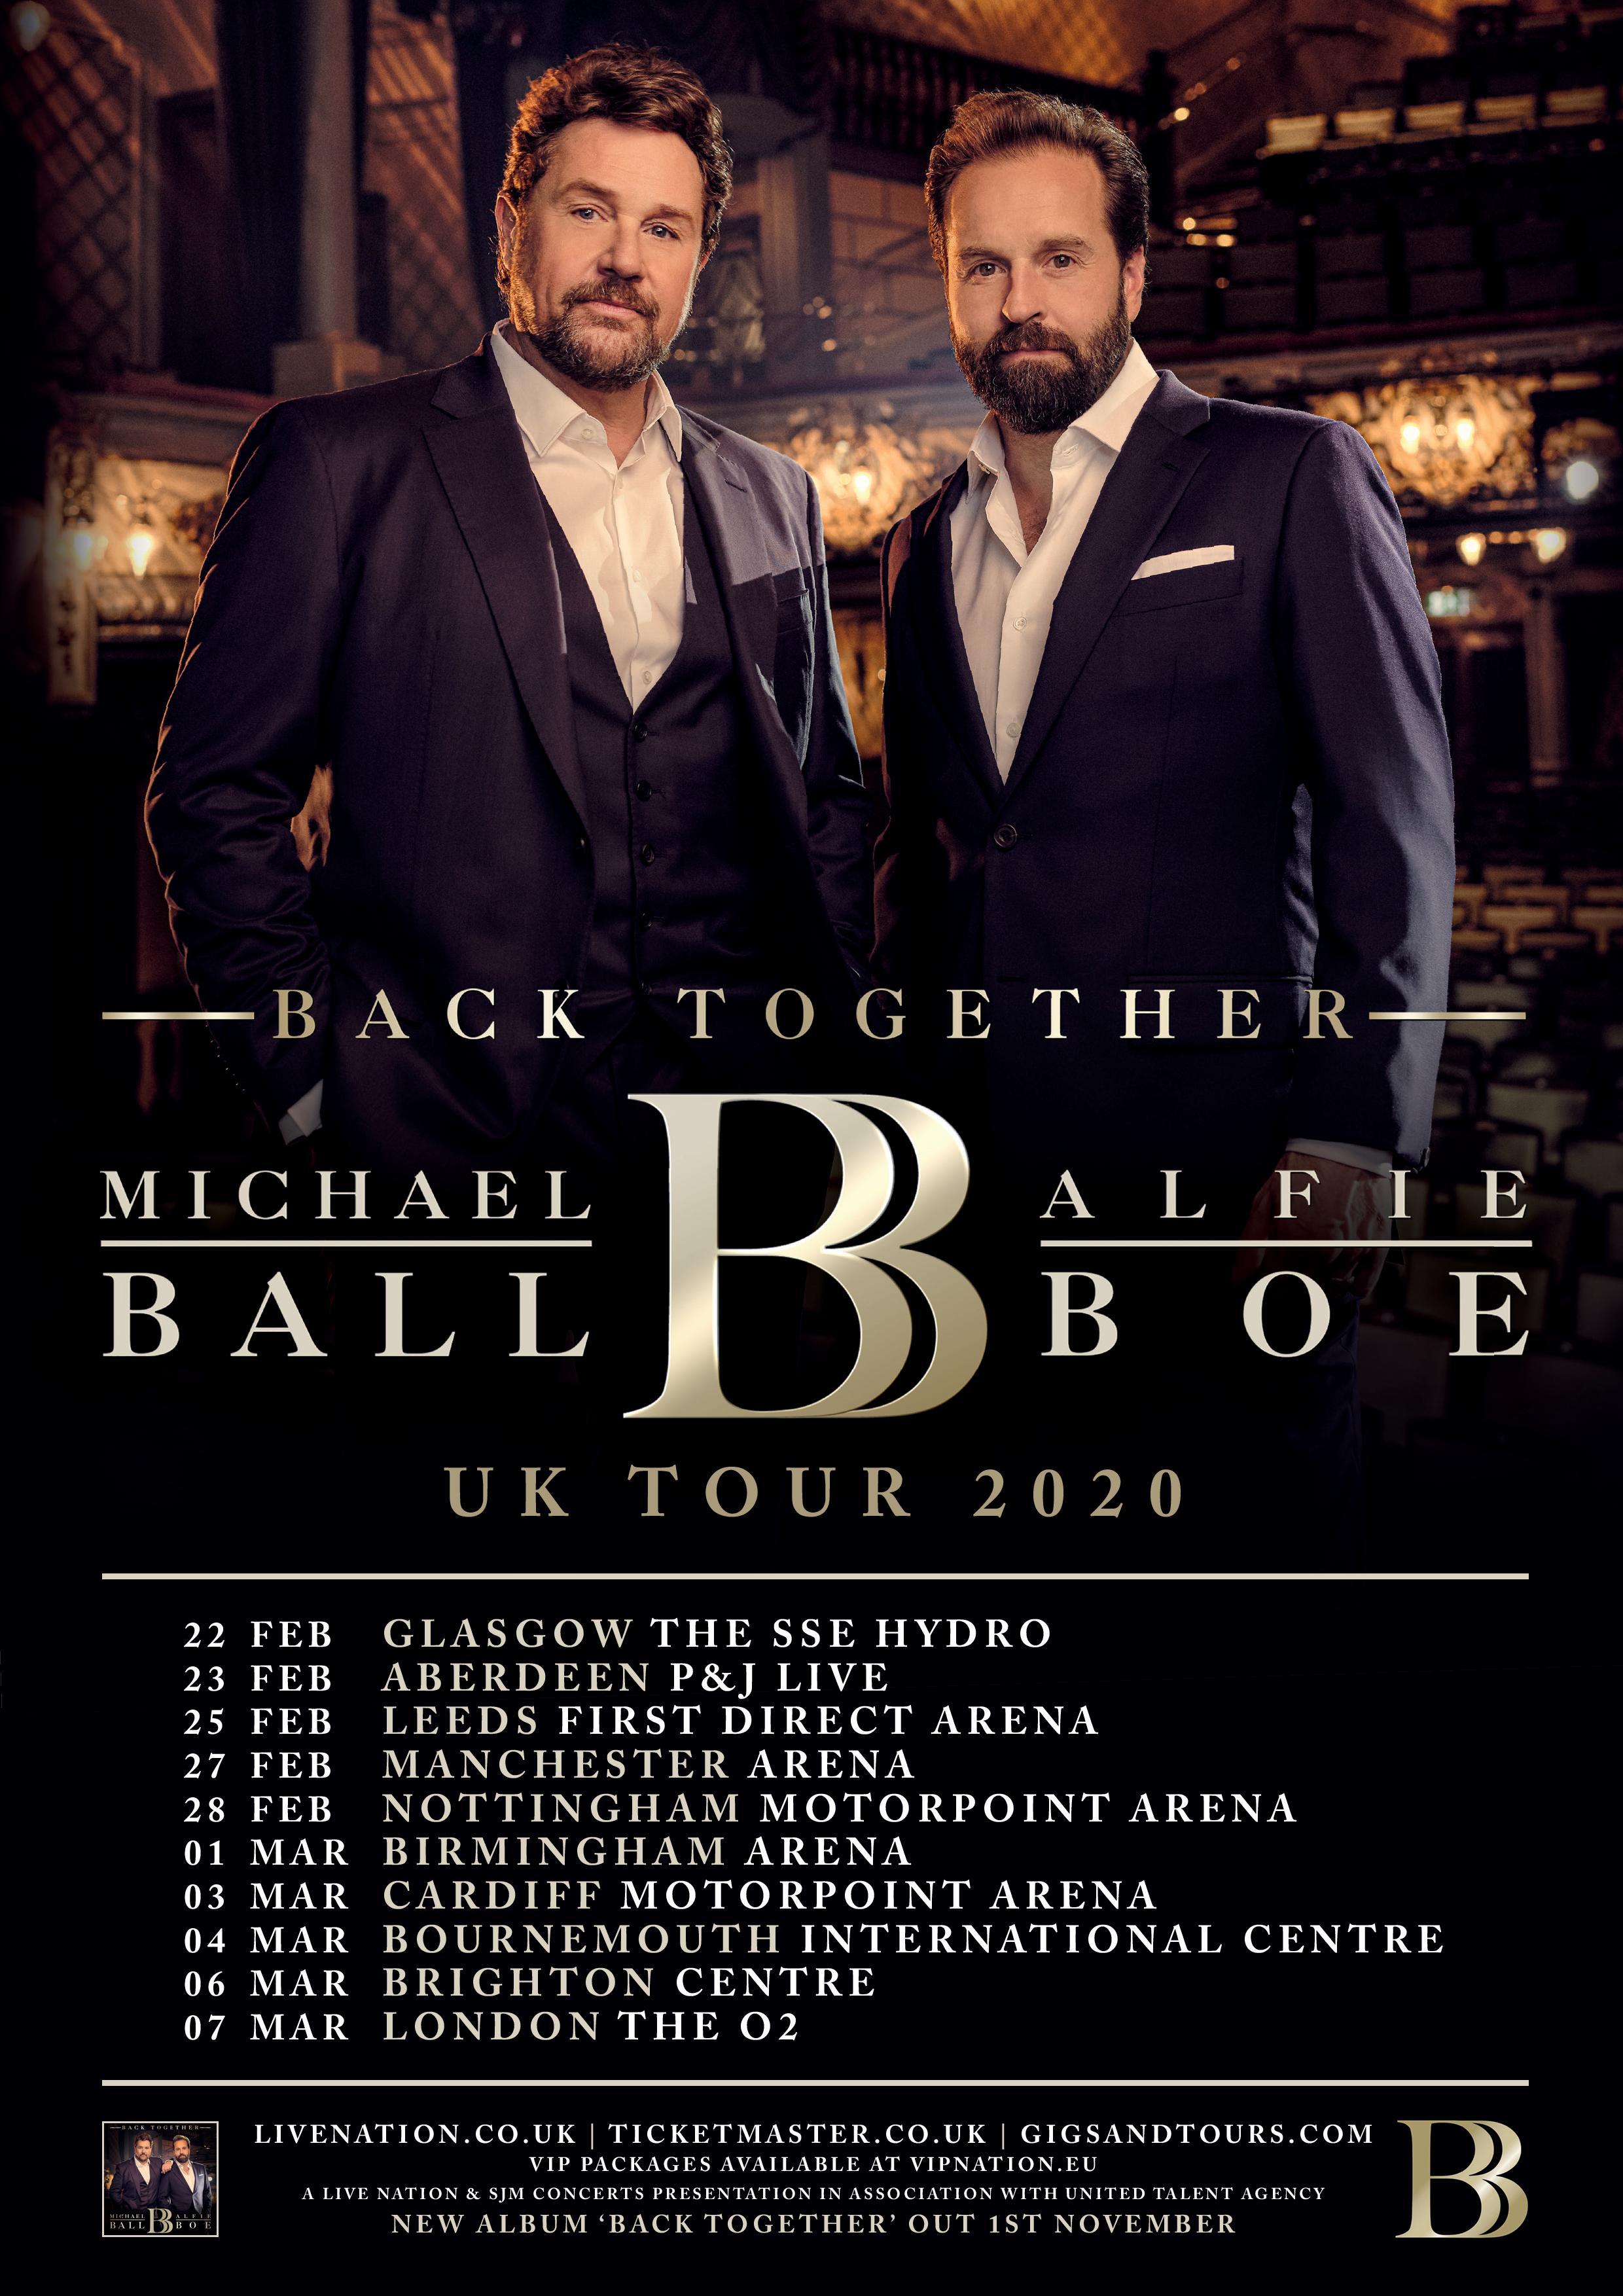 UK Tour 2020 Poster